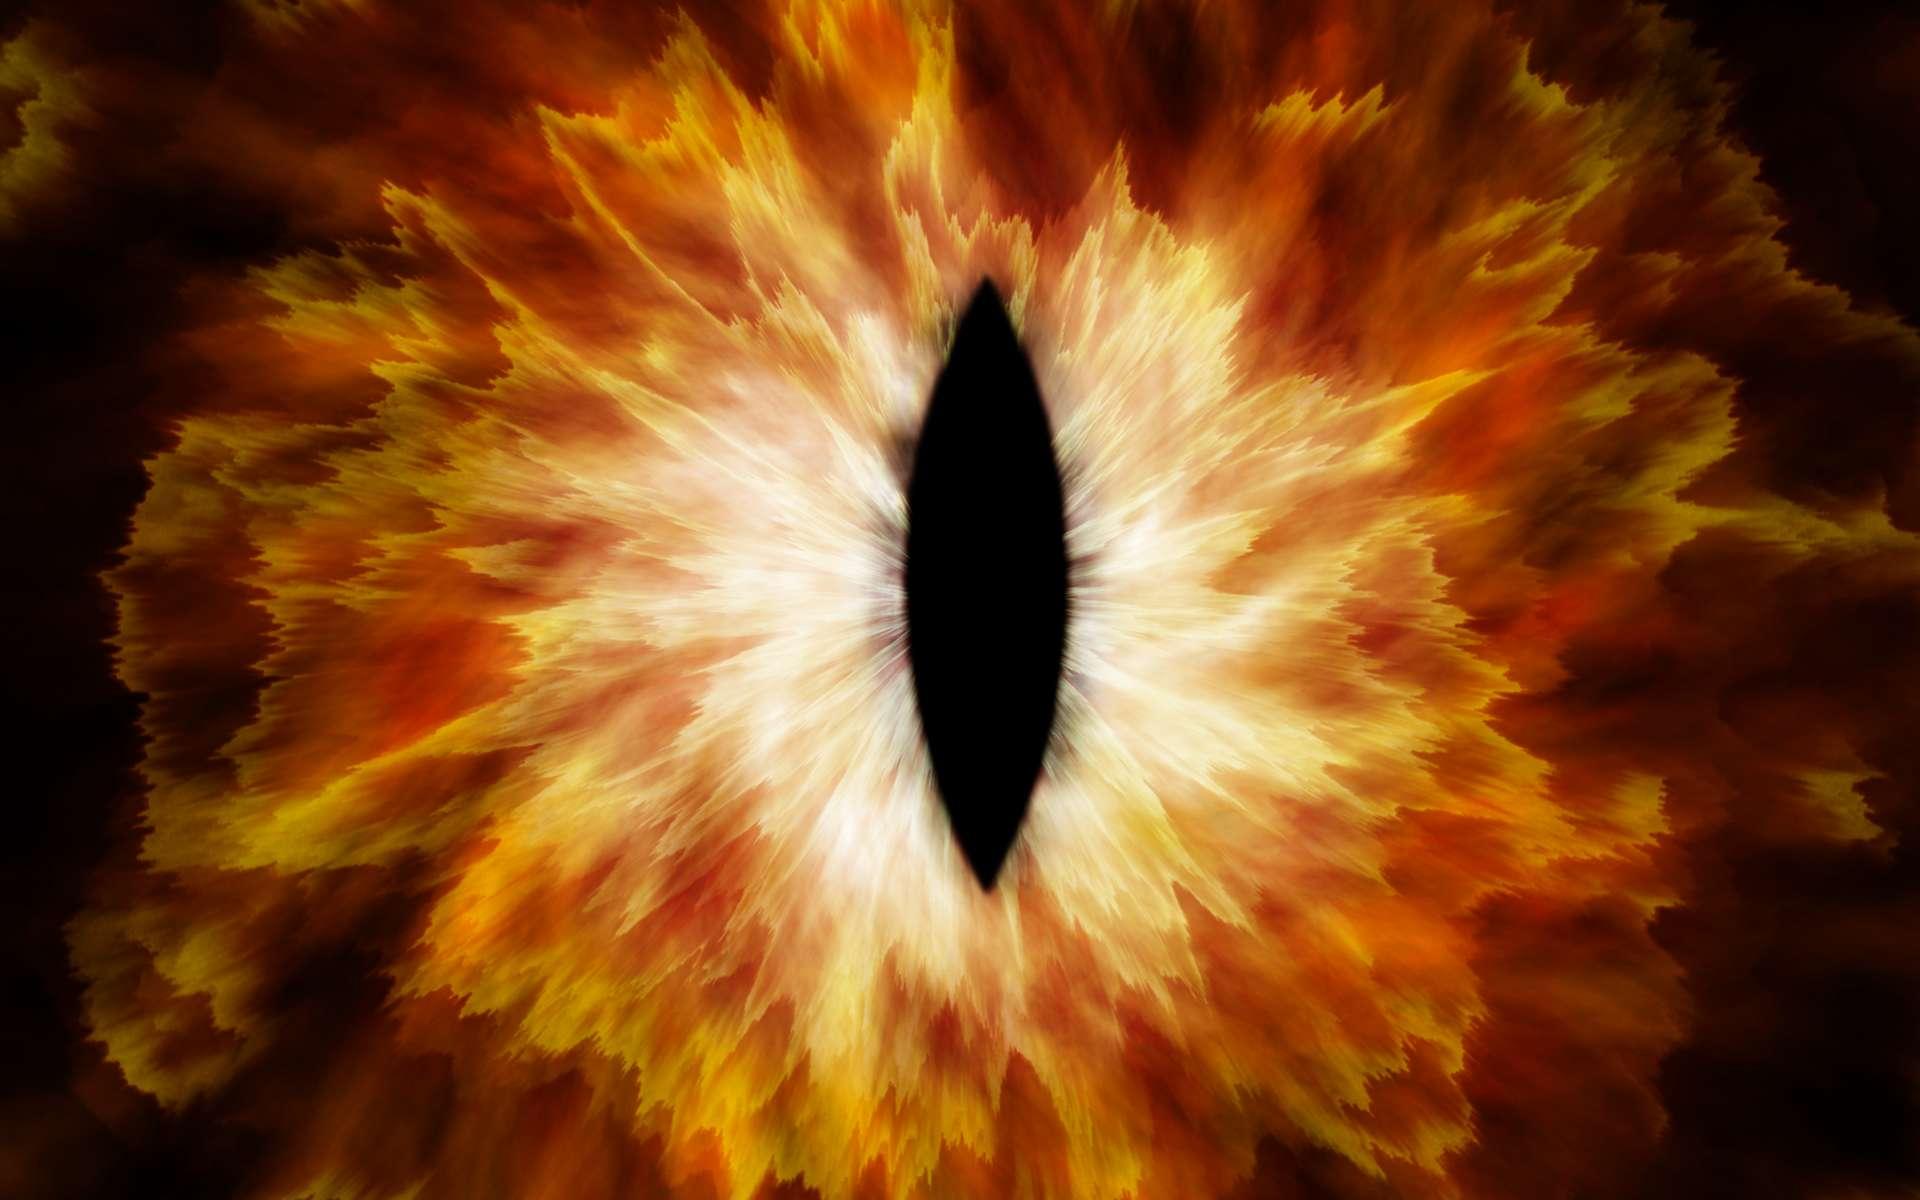 L'Œil de Sauron aperçu au fond de l'océan Indien